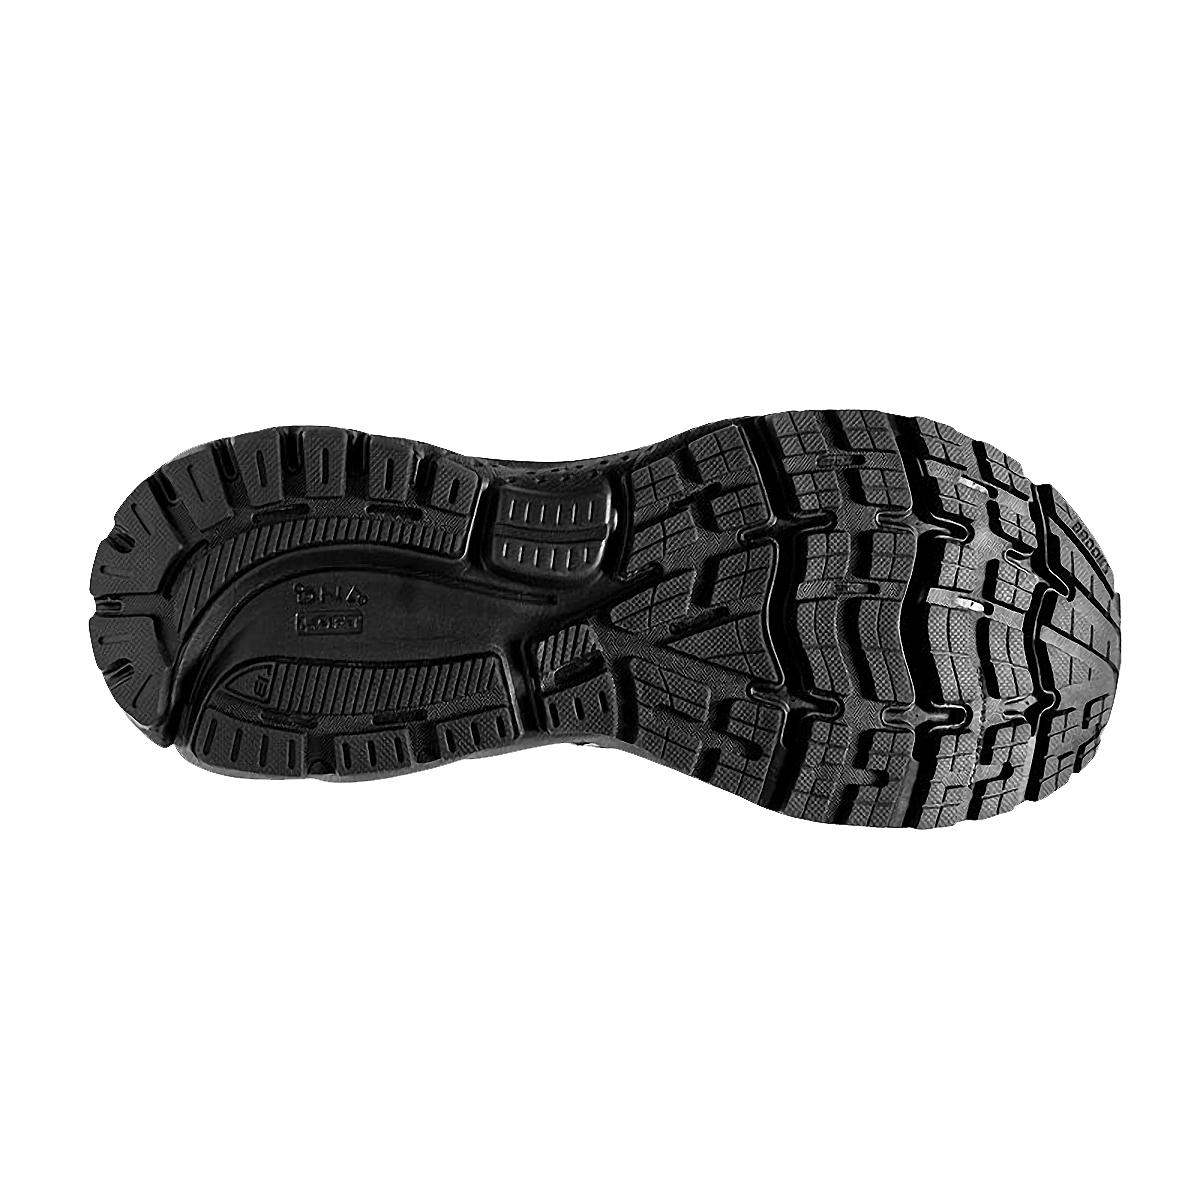 Men's Brooks Ghost 13 Running Shoe - Color: Black/Black - Size: 7 - Width: Regular, Black/Black, large, image 4